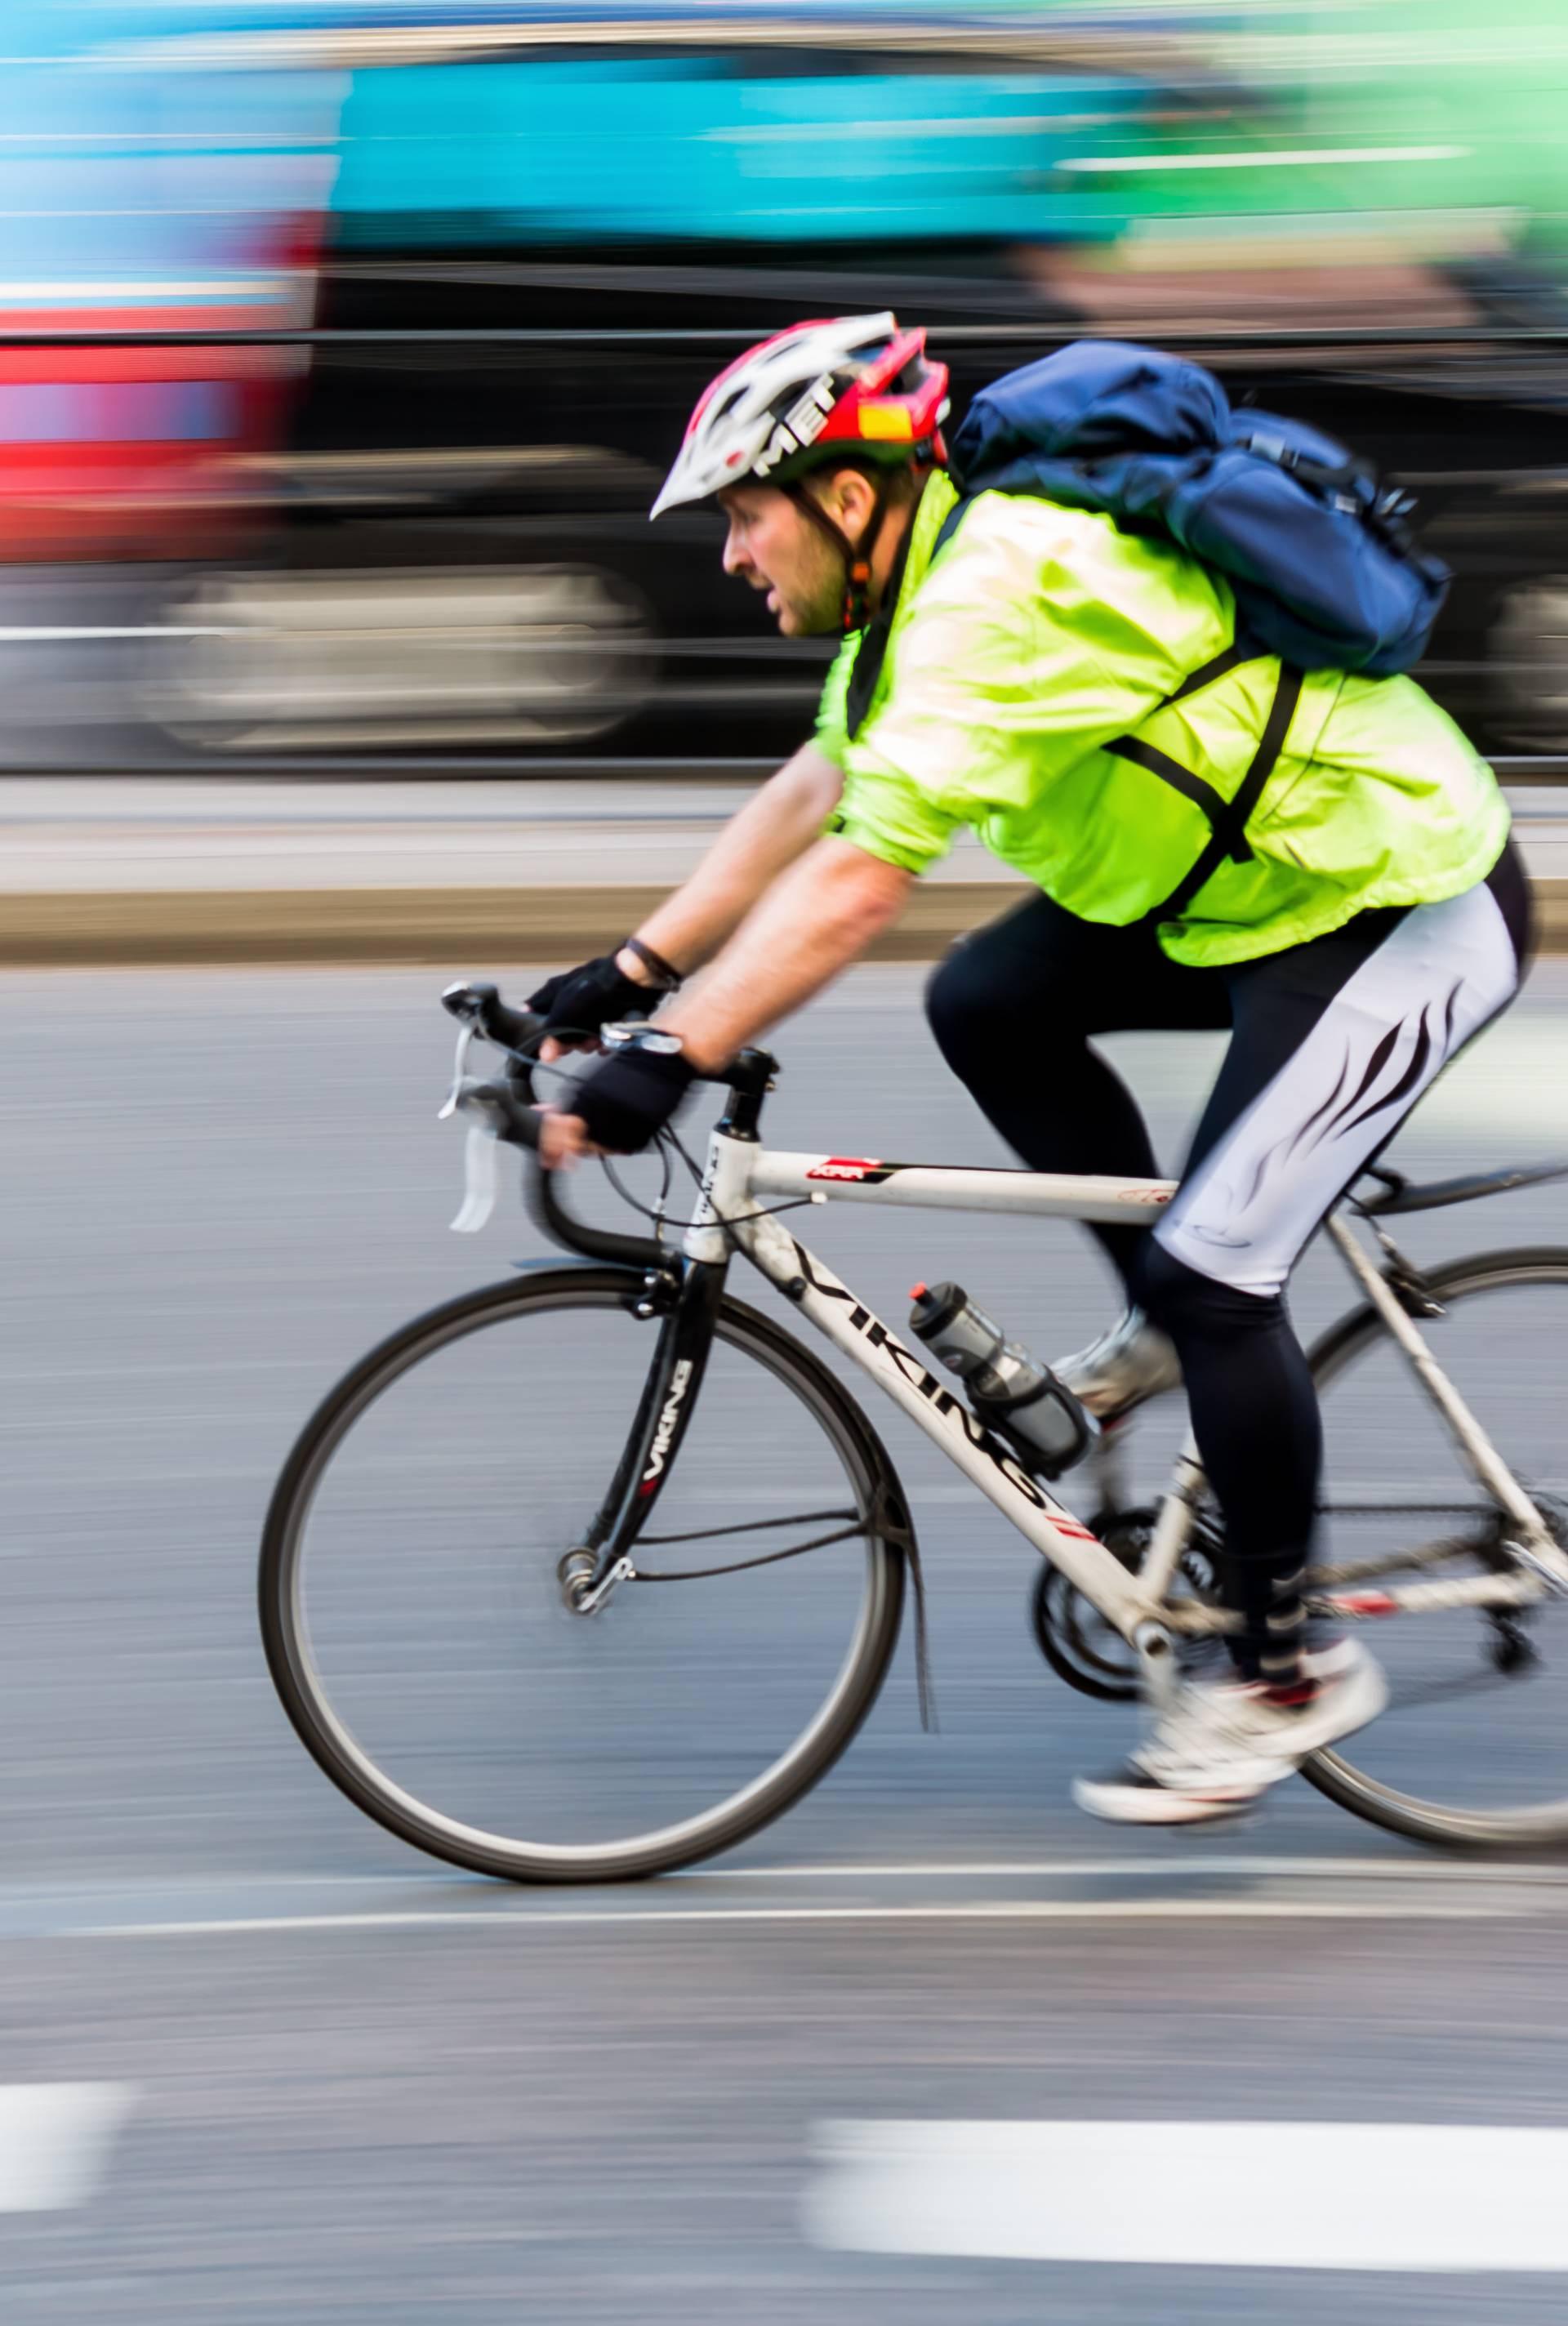 Talijanima vlada daruje 500 eura za kupovinu novog bicikla